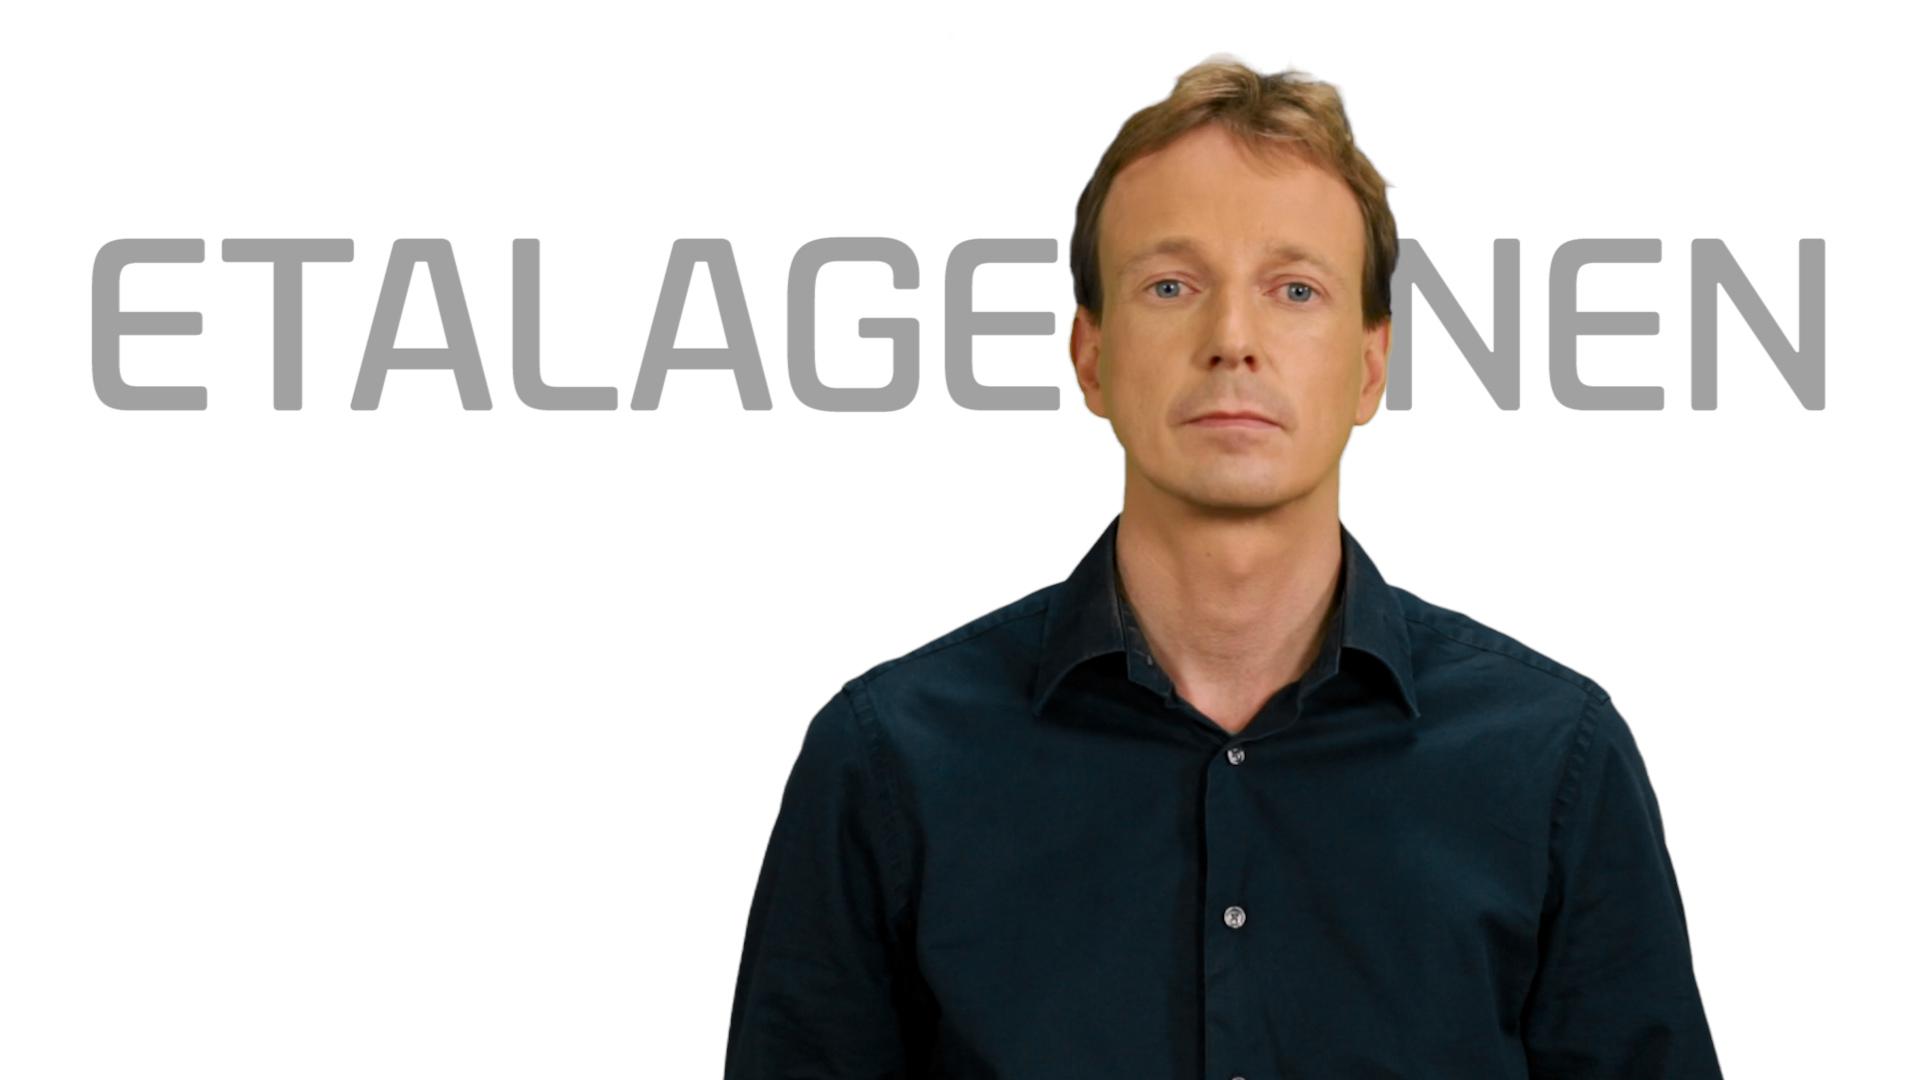 Bekijk de video: Etalagebenen